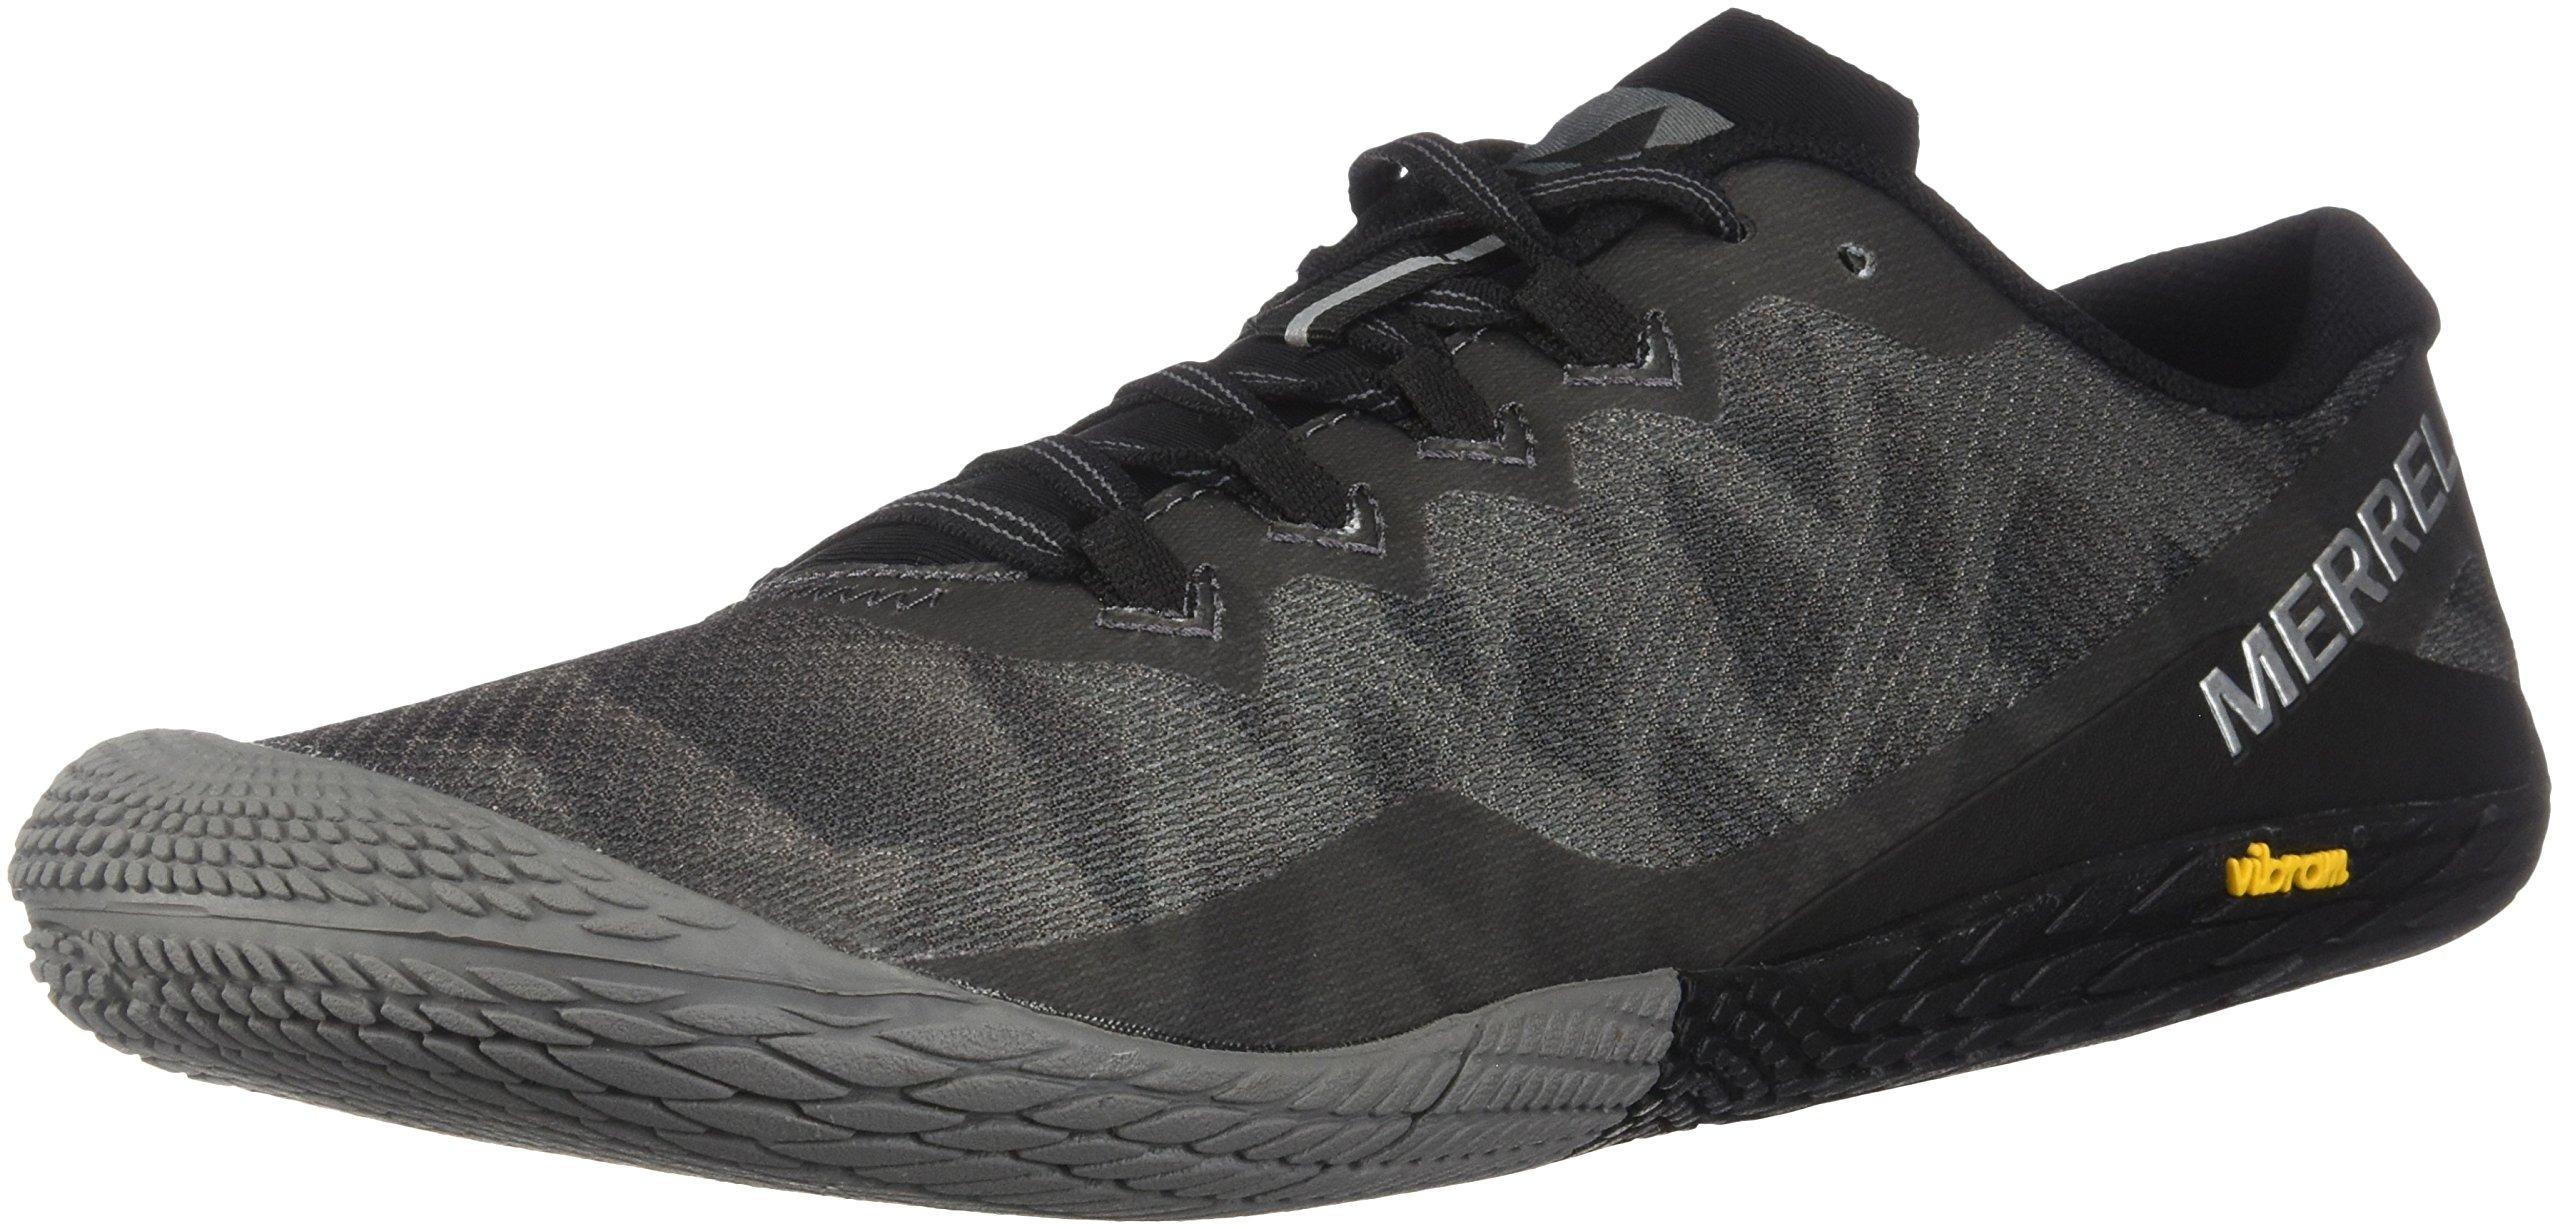 Merrell Men's Vapor Glove 3 Sneaker, Black/Silver, 12 M US